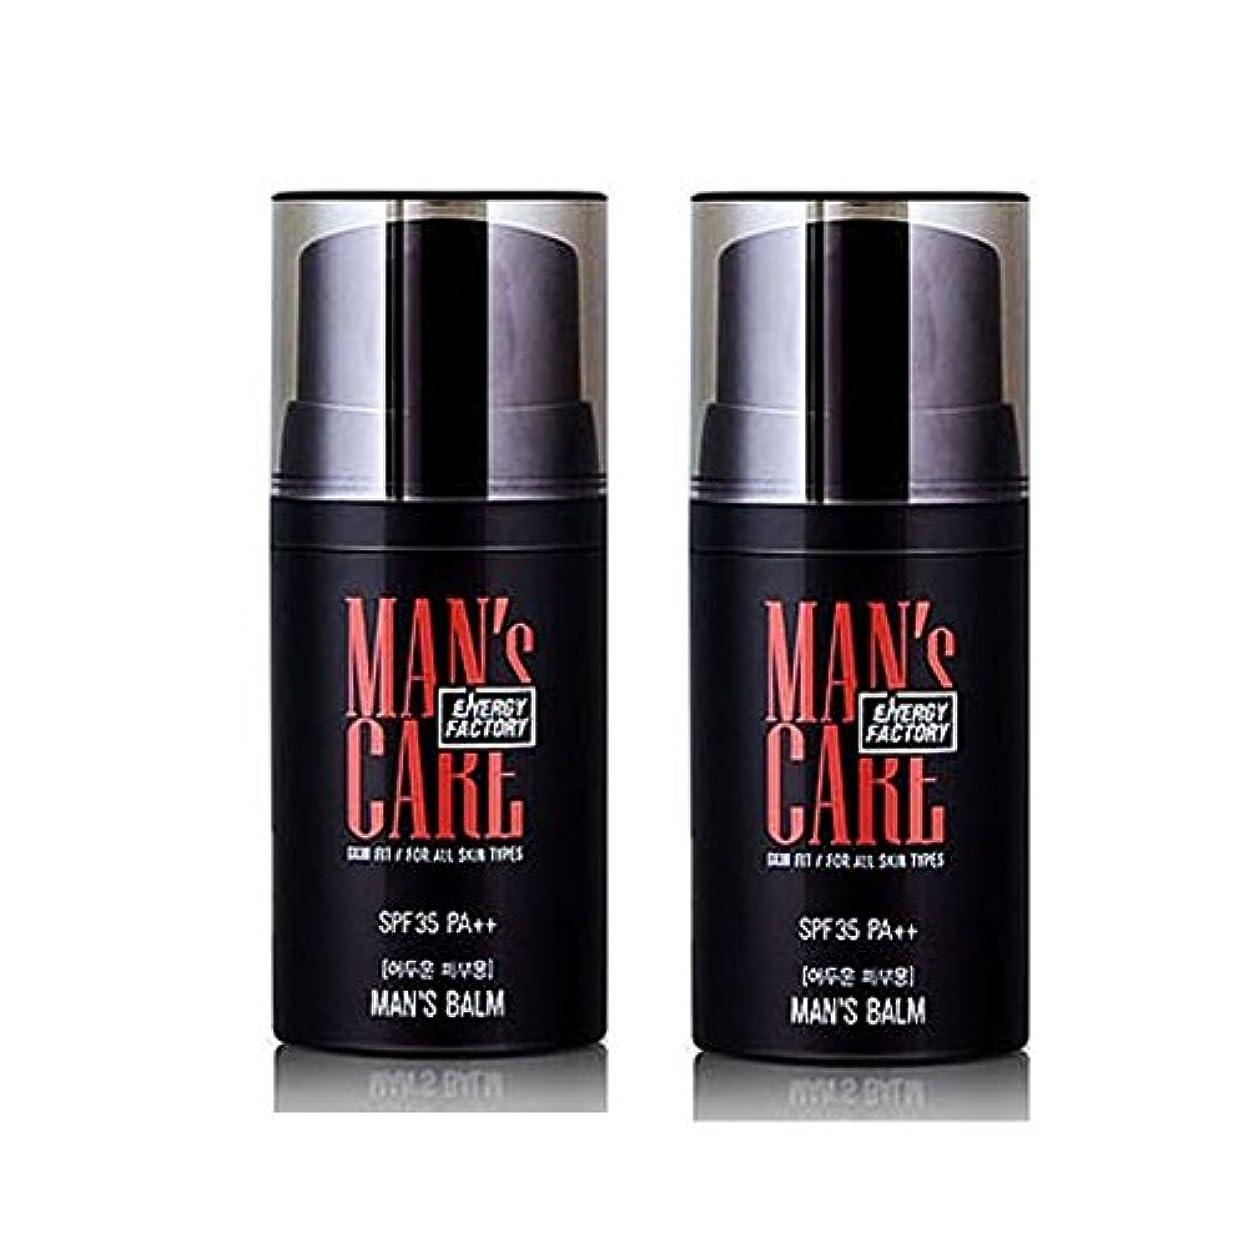 ピカリングレオナルドダ区メンズケアエネルギーファクトリースキンフィット?マンズ?Balm 50ml x 2本セット(明るい肌用、暗い肌用) メンズコスメ、Man's Care Energy Factory Skin Fit Man's Balm...